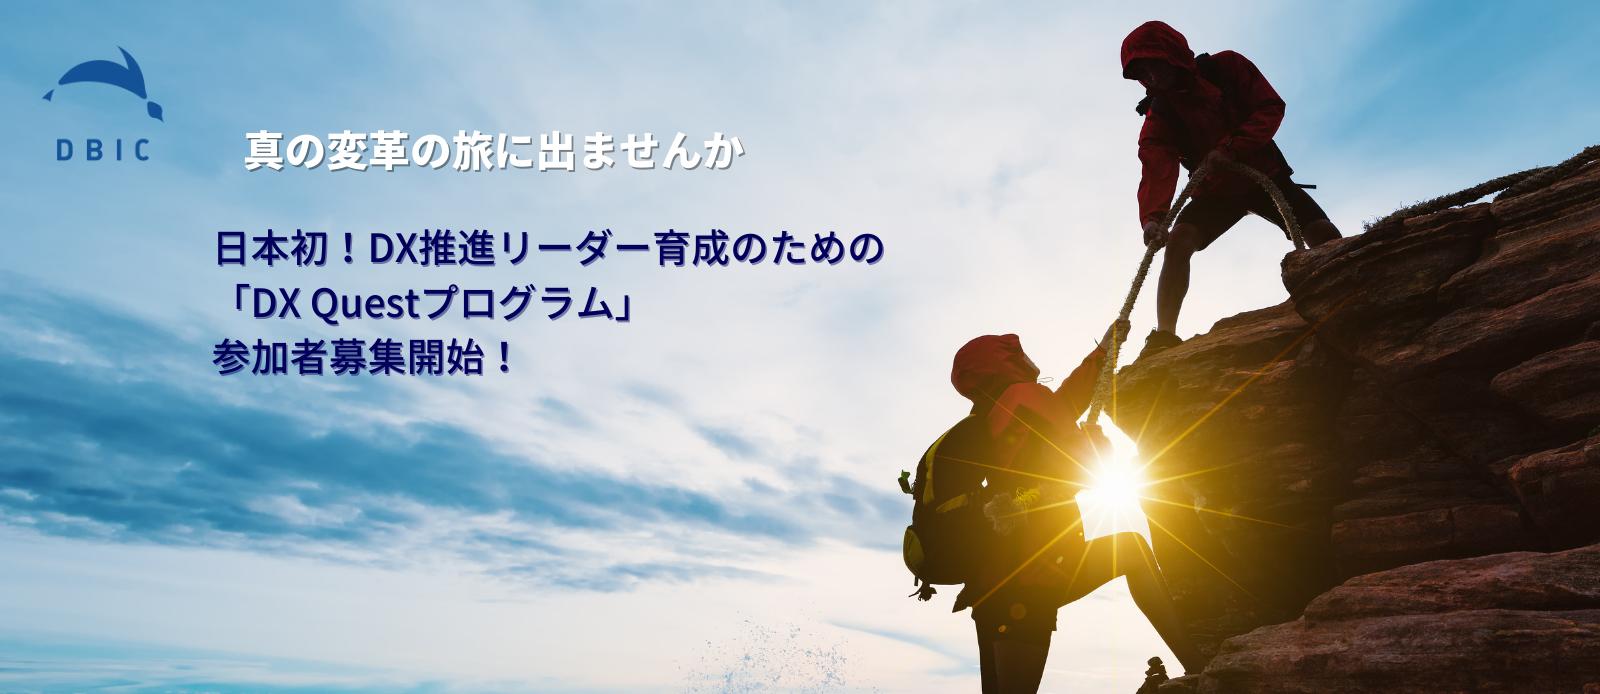 日本初! DX推進リーダー育成のための「DX Questプログラム」参加者募集開始!